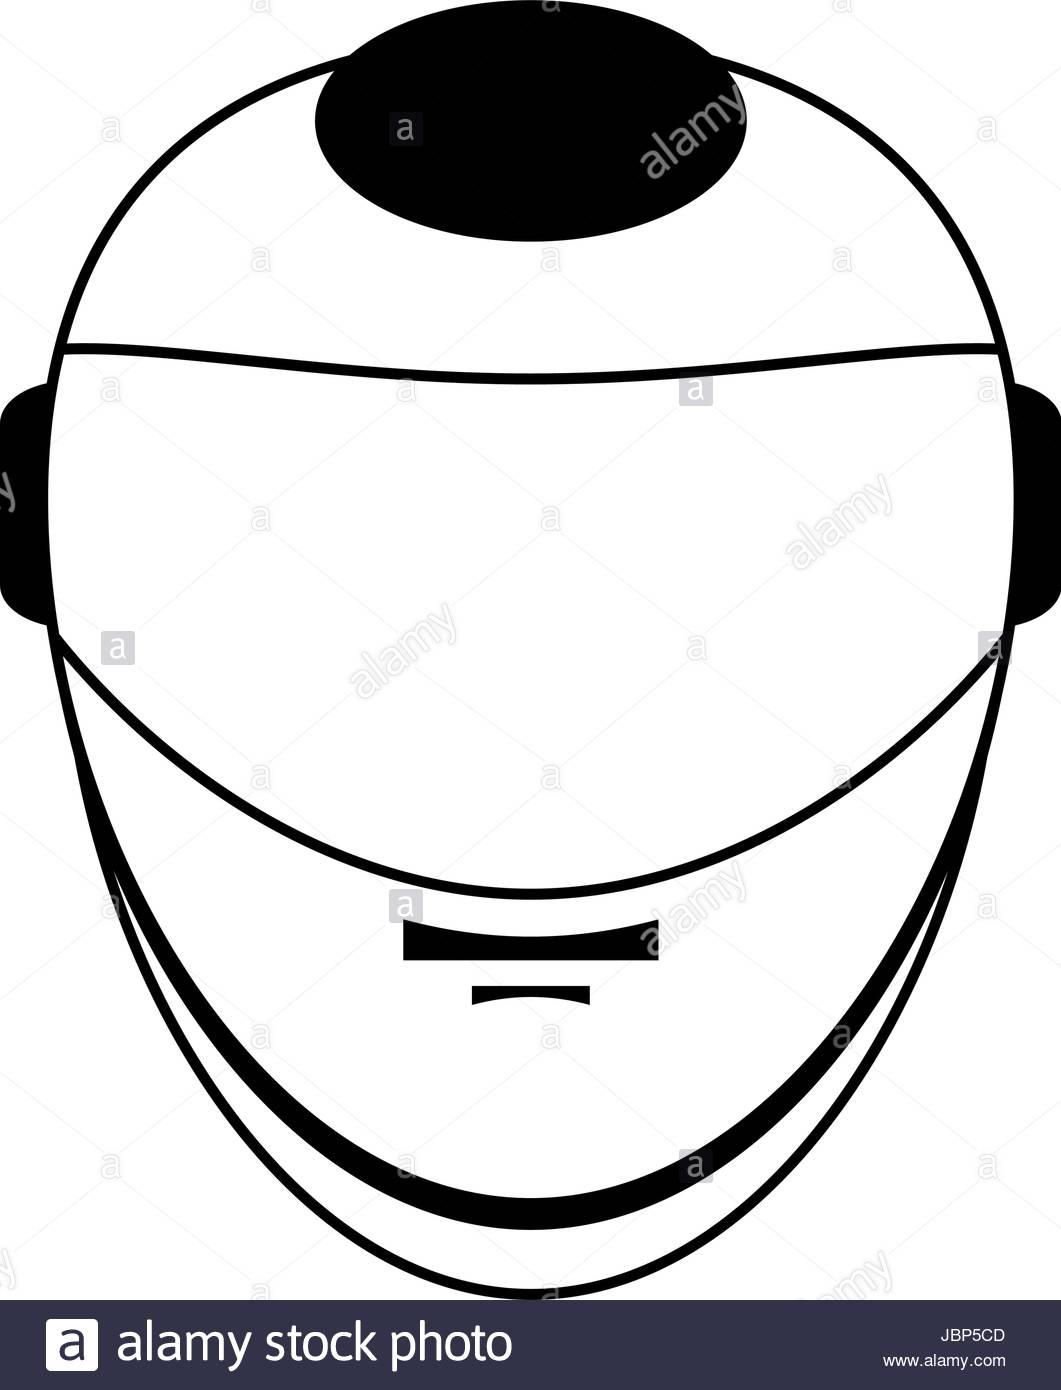 1061x1390 Helmet Silhouette Illustration Stock Vector Art Amp Illustration